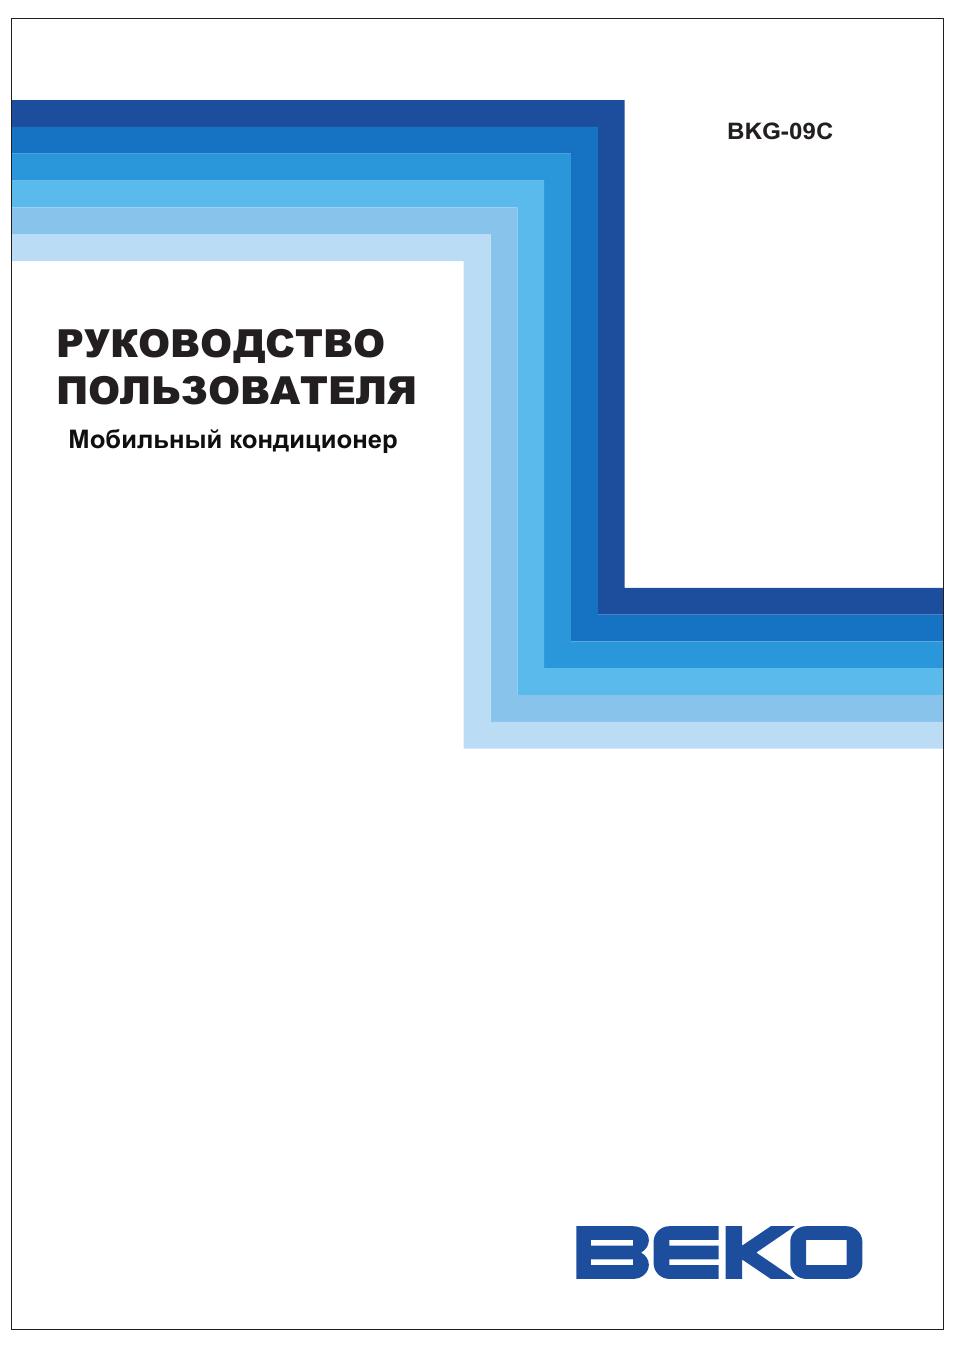 Инструкция по эксплуатации кондиционера beko